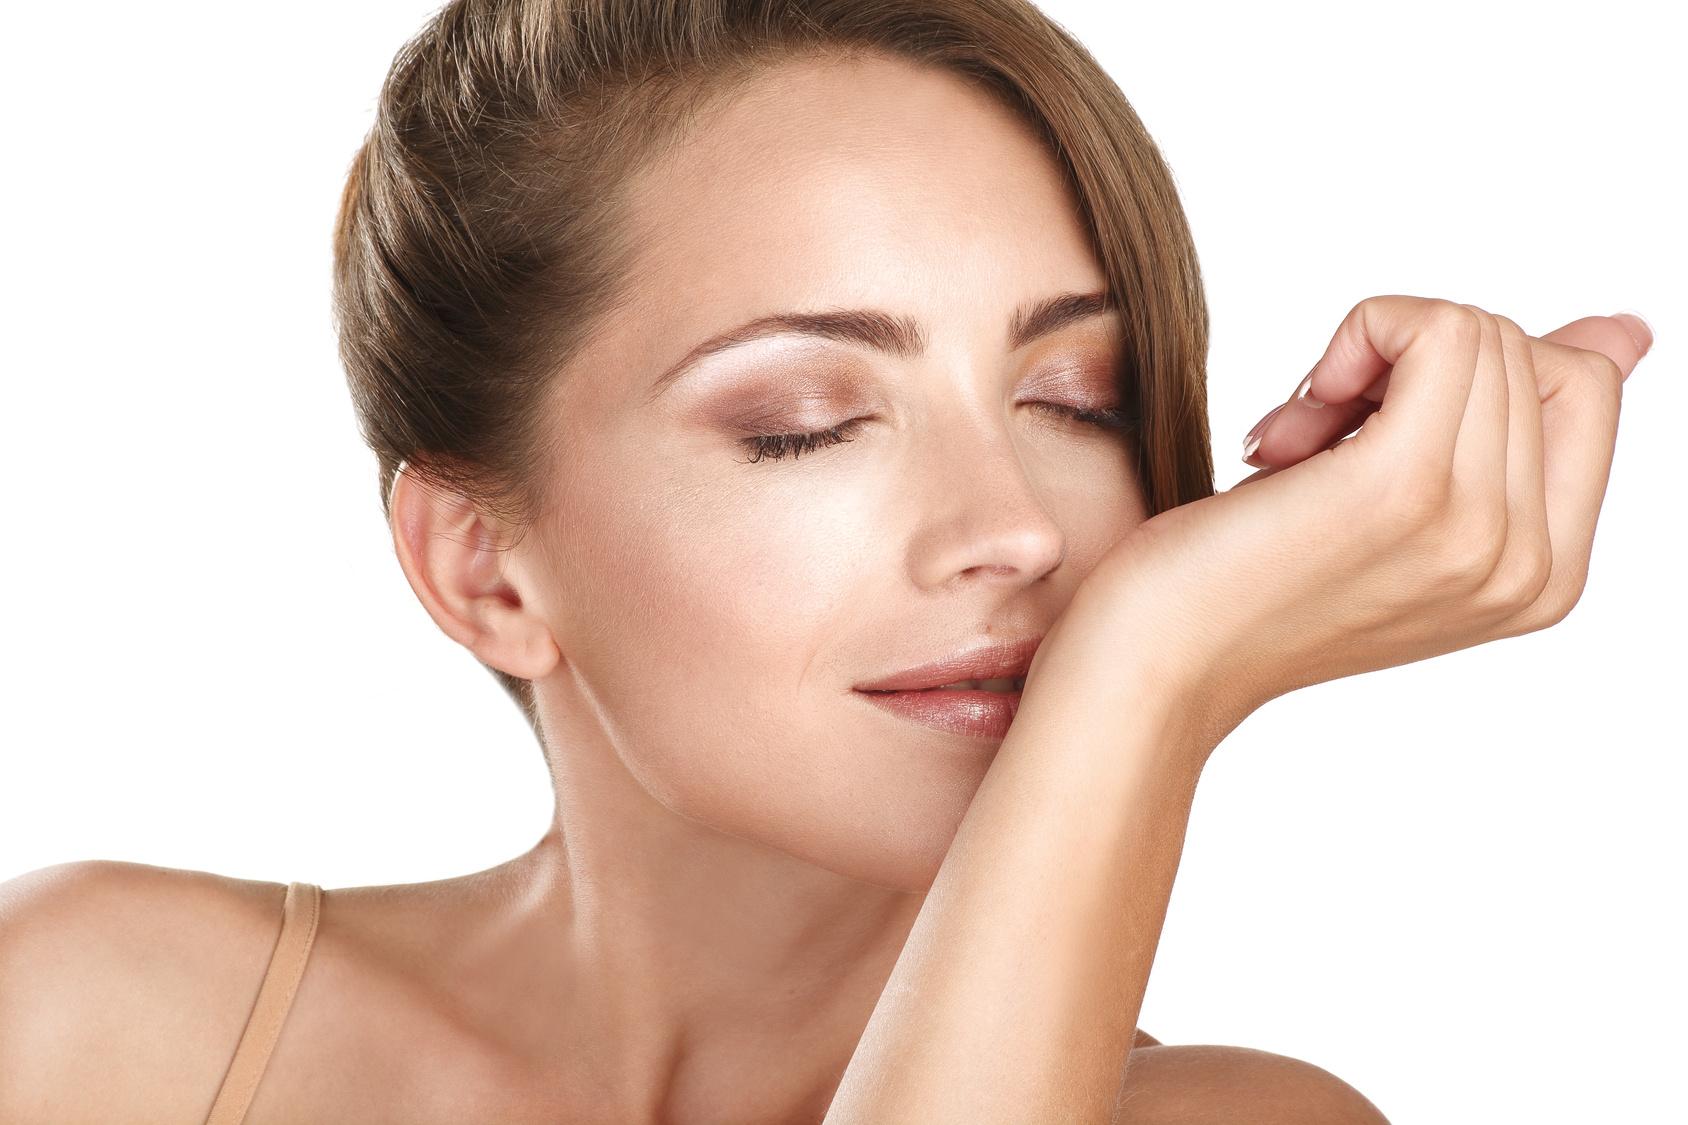 Syntetyczne aromaty stosowane w kompozycjach perfum, mogą mieć działanie drażniące | fot.: Fotolia